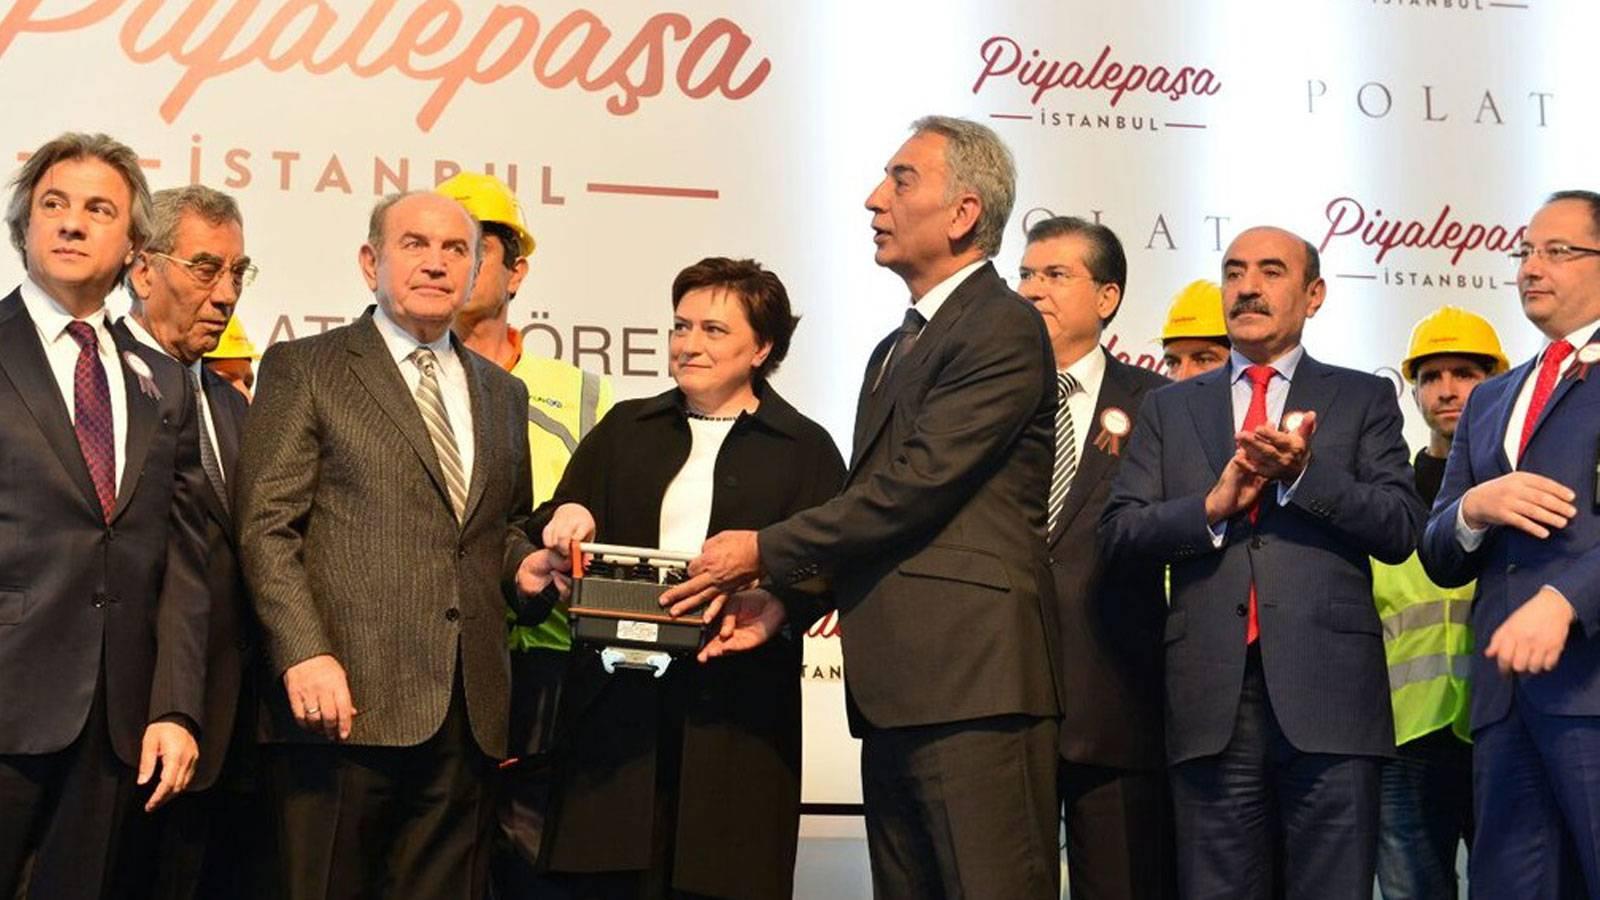 06.05.2016 Ground-breaking Ceremony for Piyalepaşa İstanbul